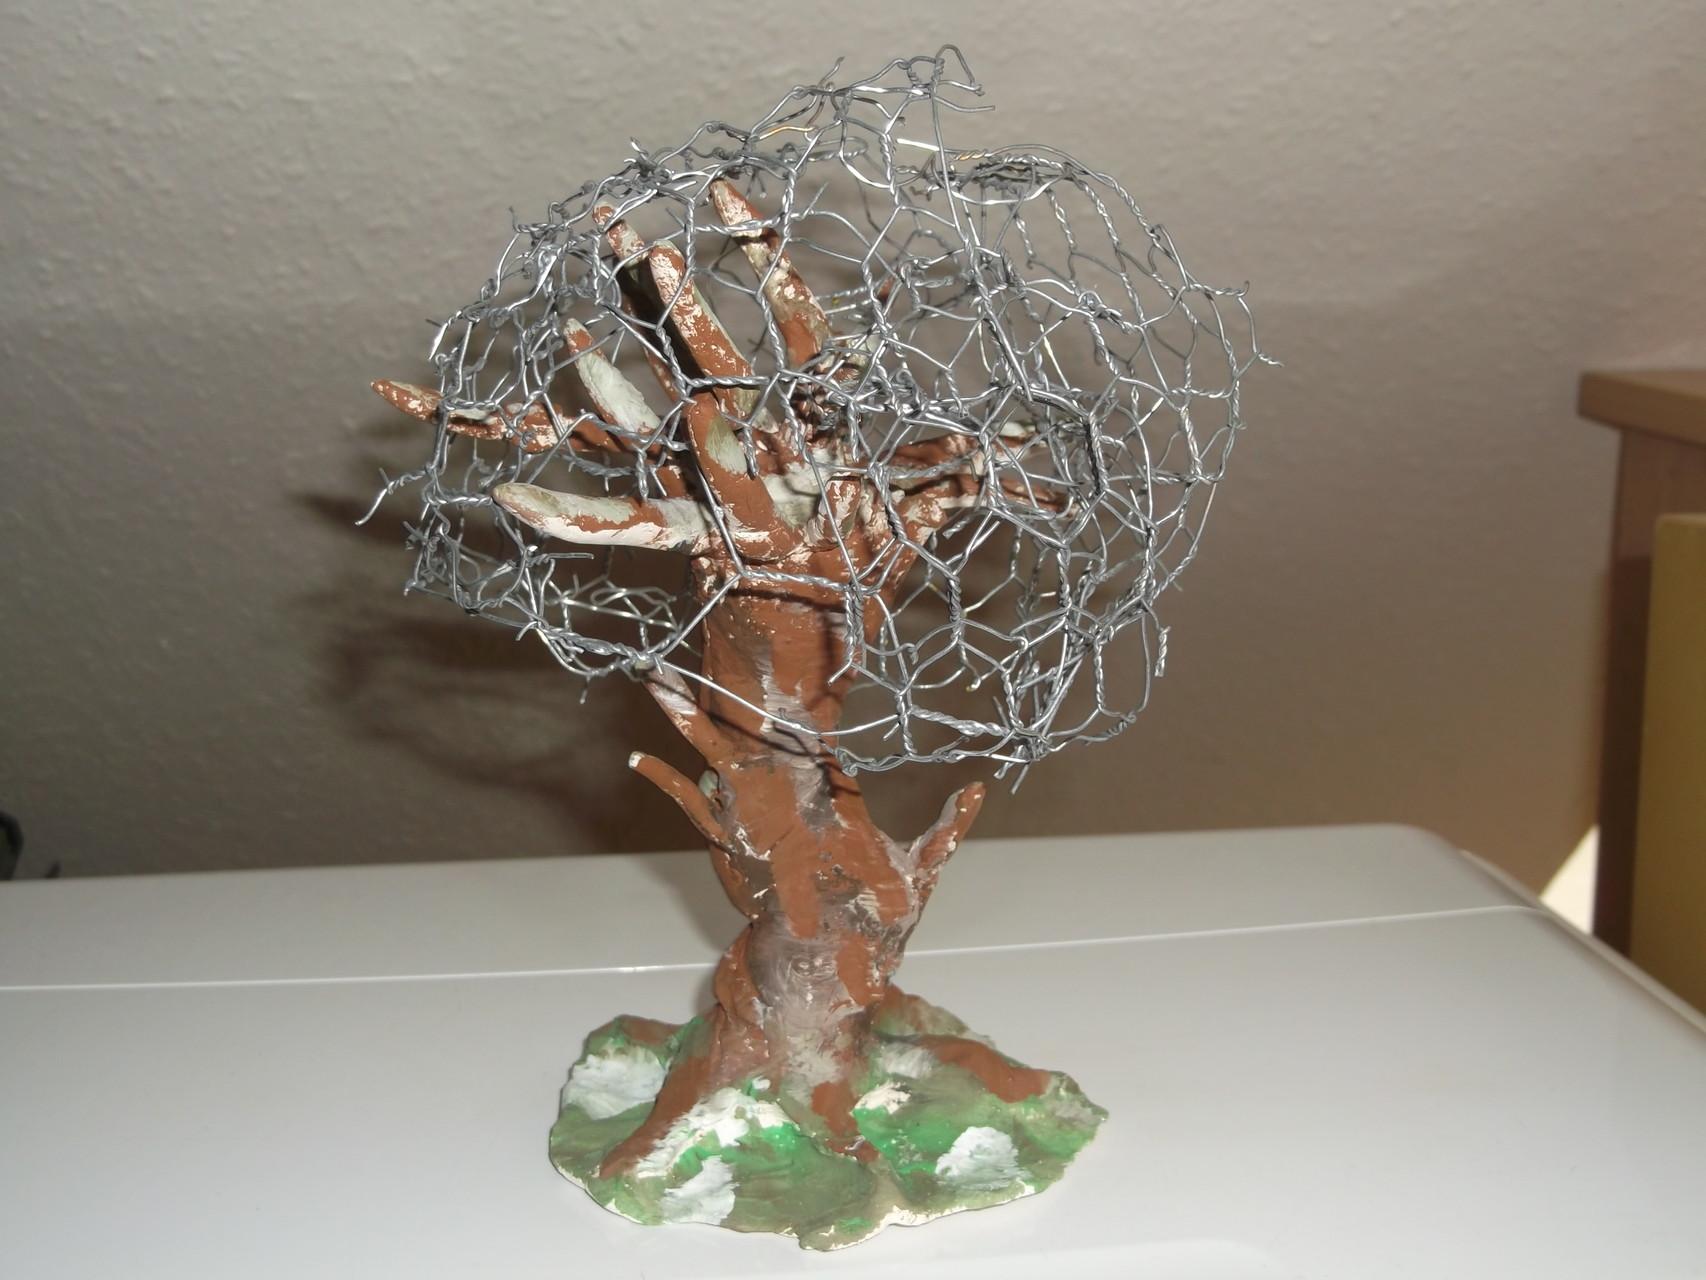 Baum aus Gibs mit Drahgestell - Das Geflecht symbolisiert das Gedankenchaos